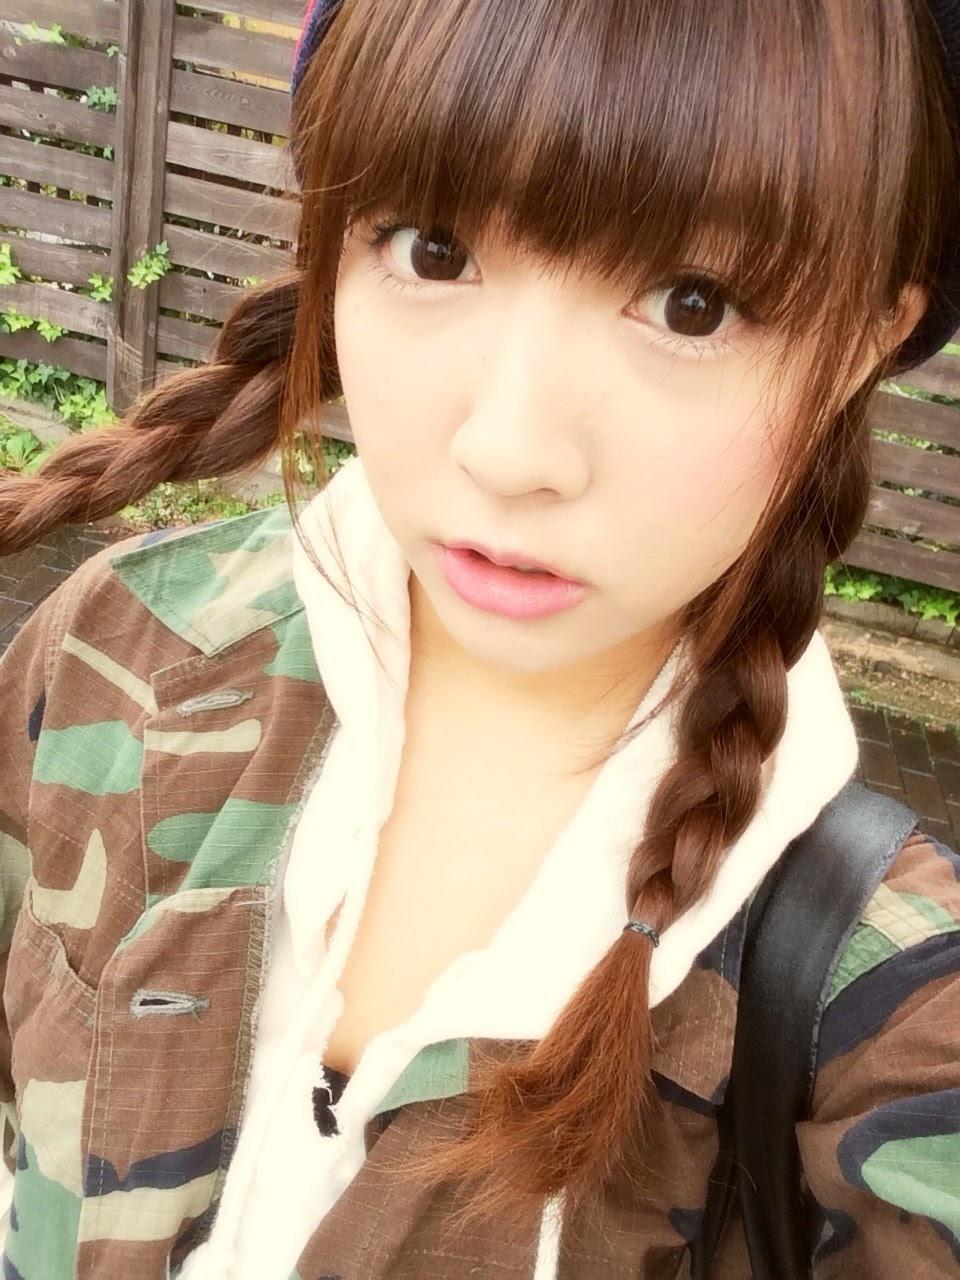 三上悠亜としてAVデビューしたSKE48鬼頭桃菜の自撮り画像